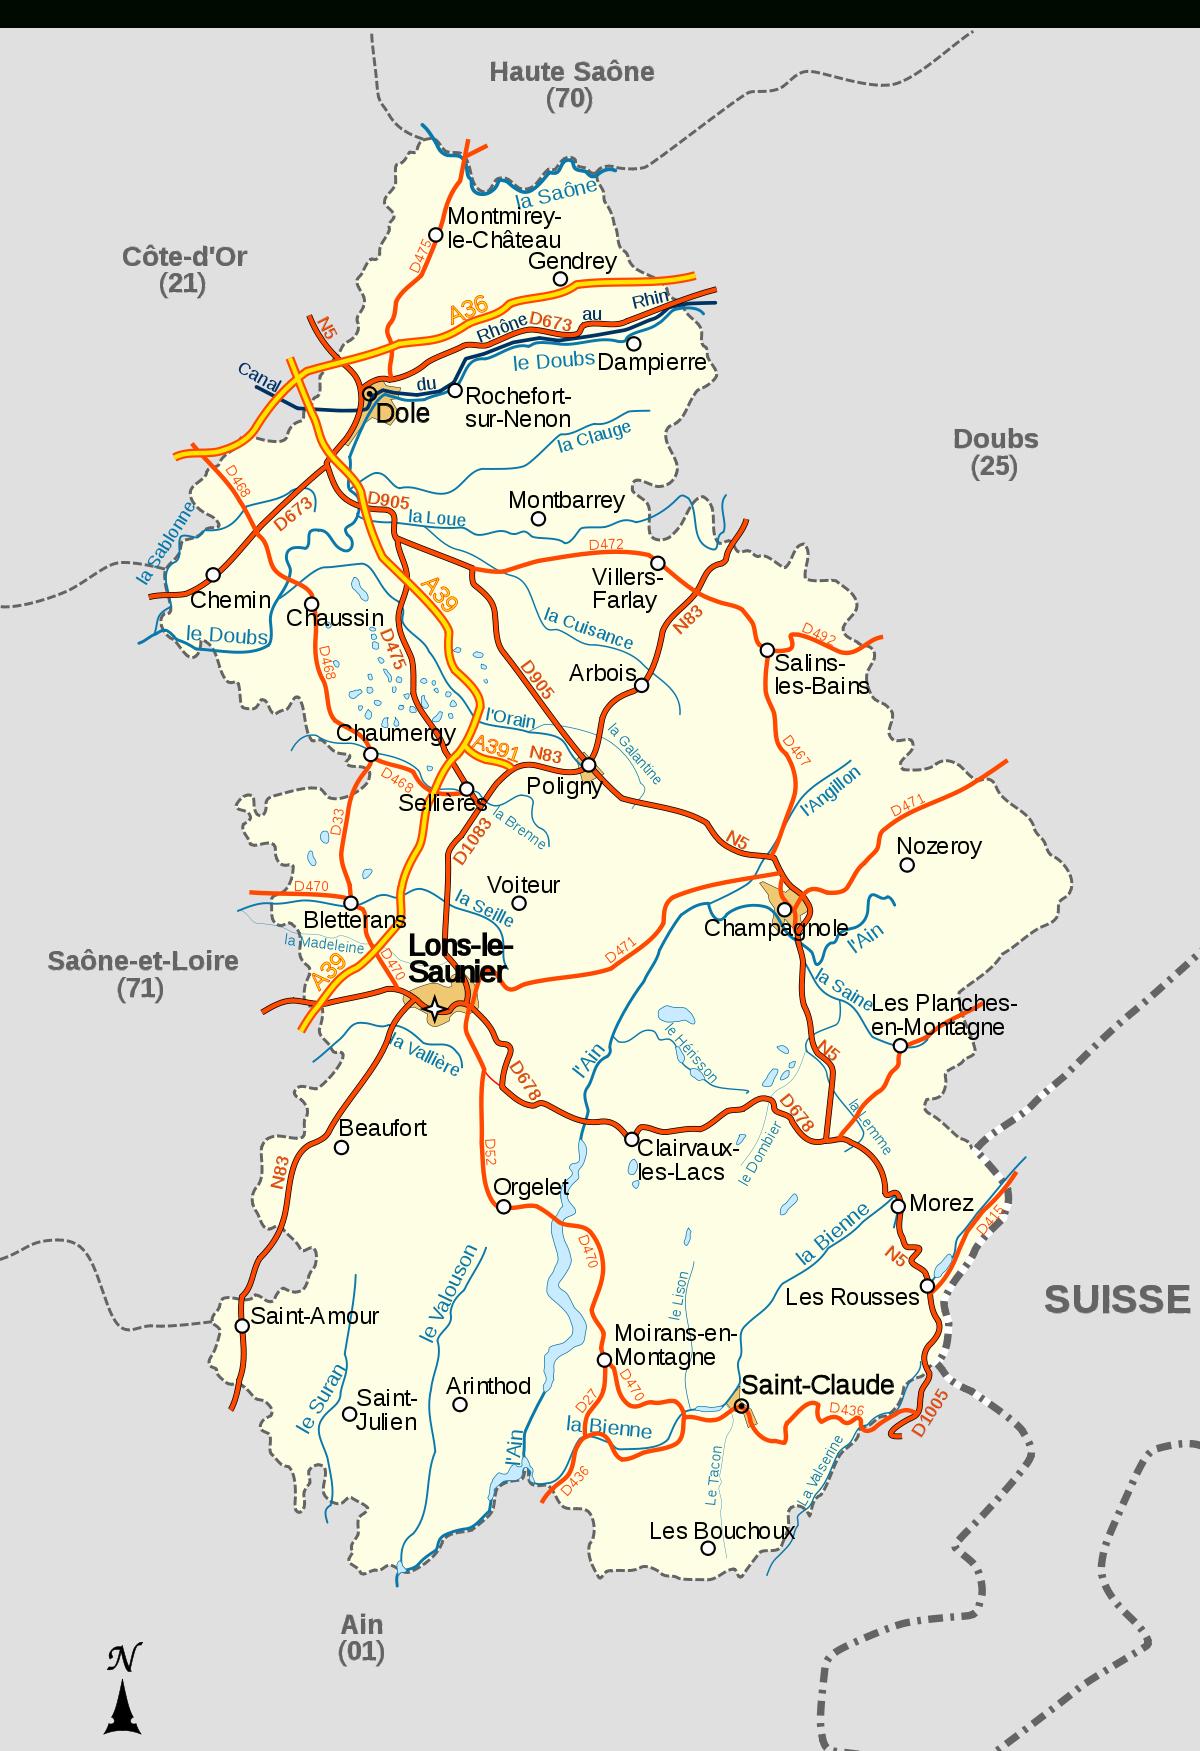 Liste Des Cours D'eau Du Département Du Jura — Wikipédia intérieur Departement Francais 39